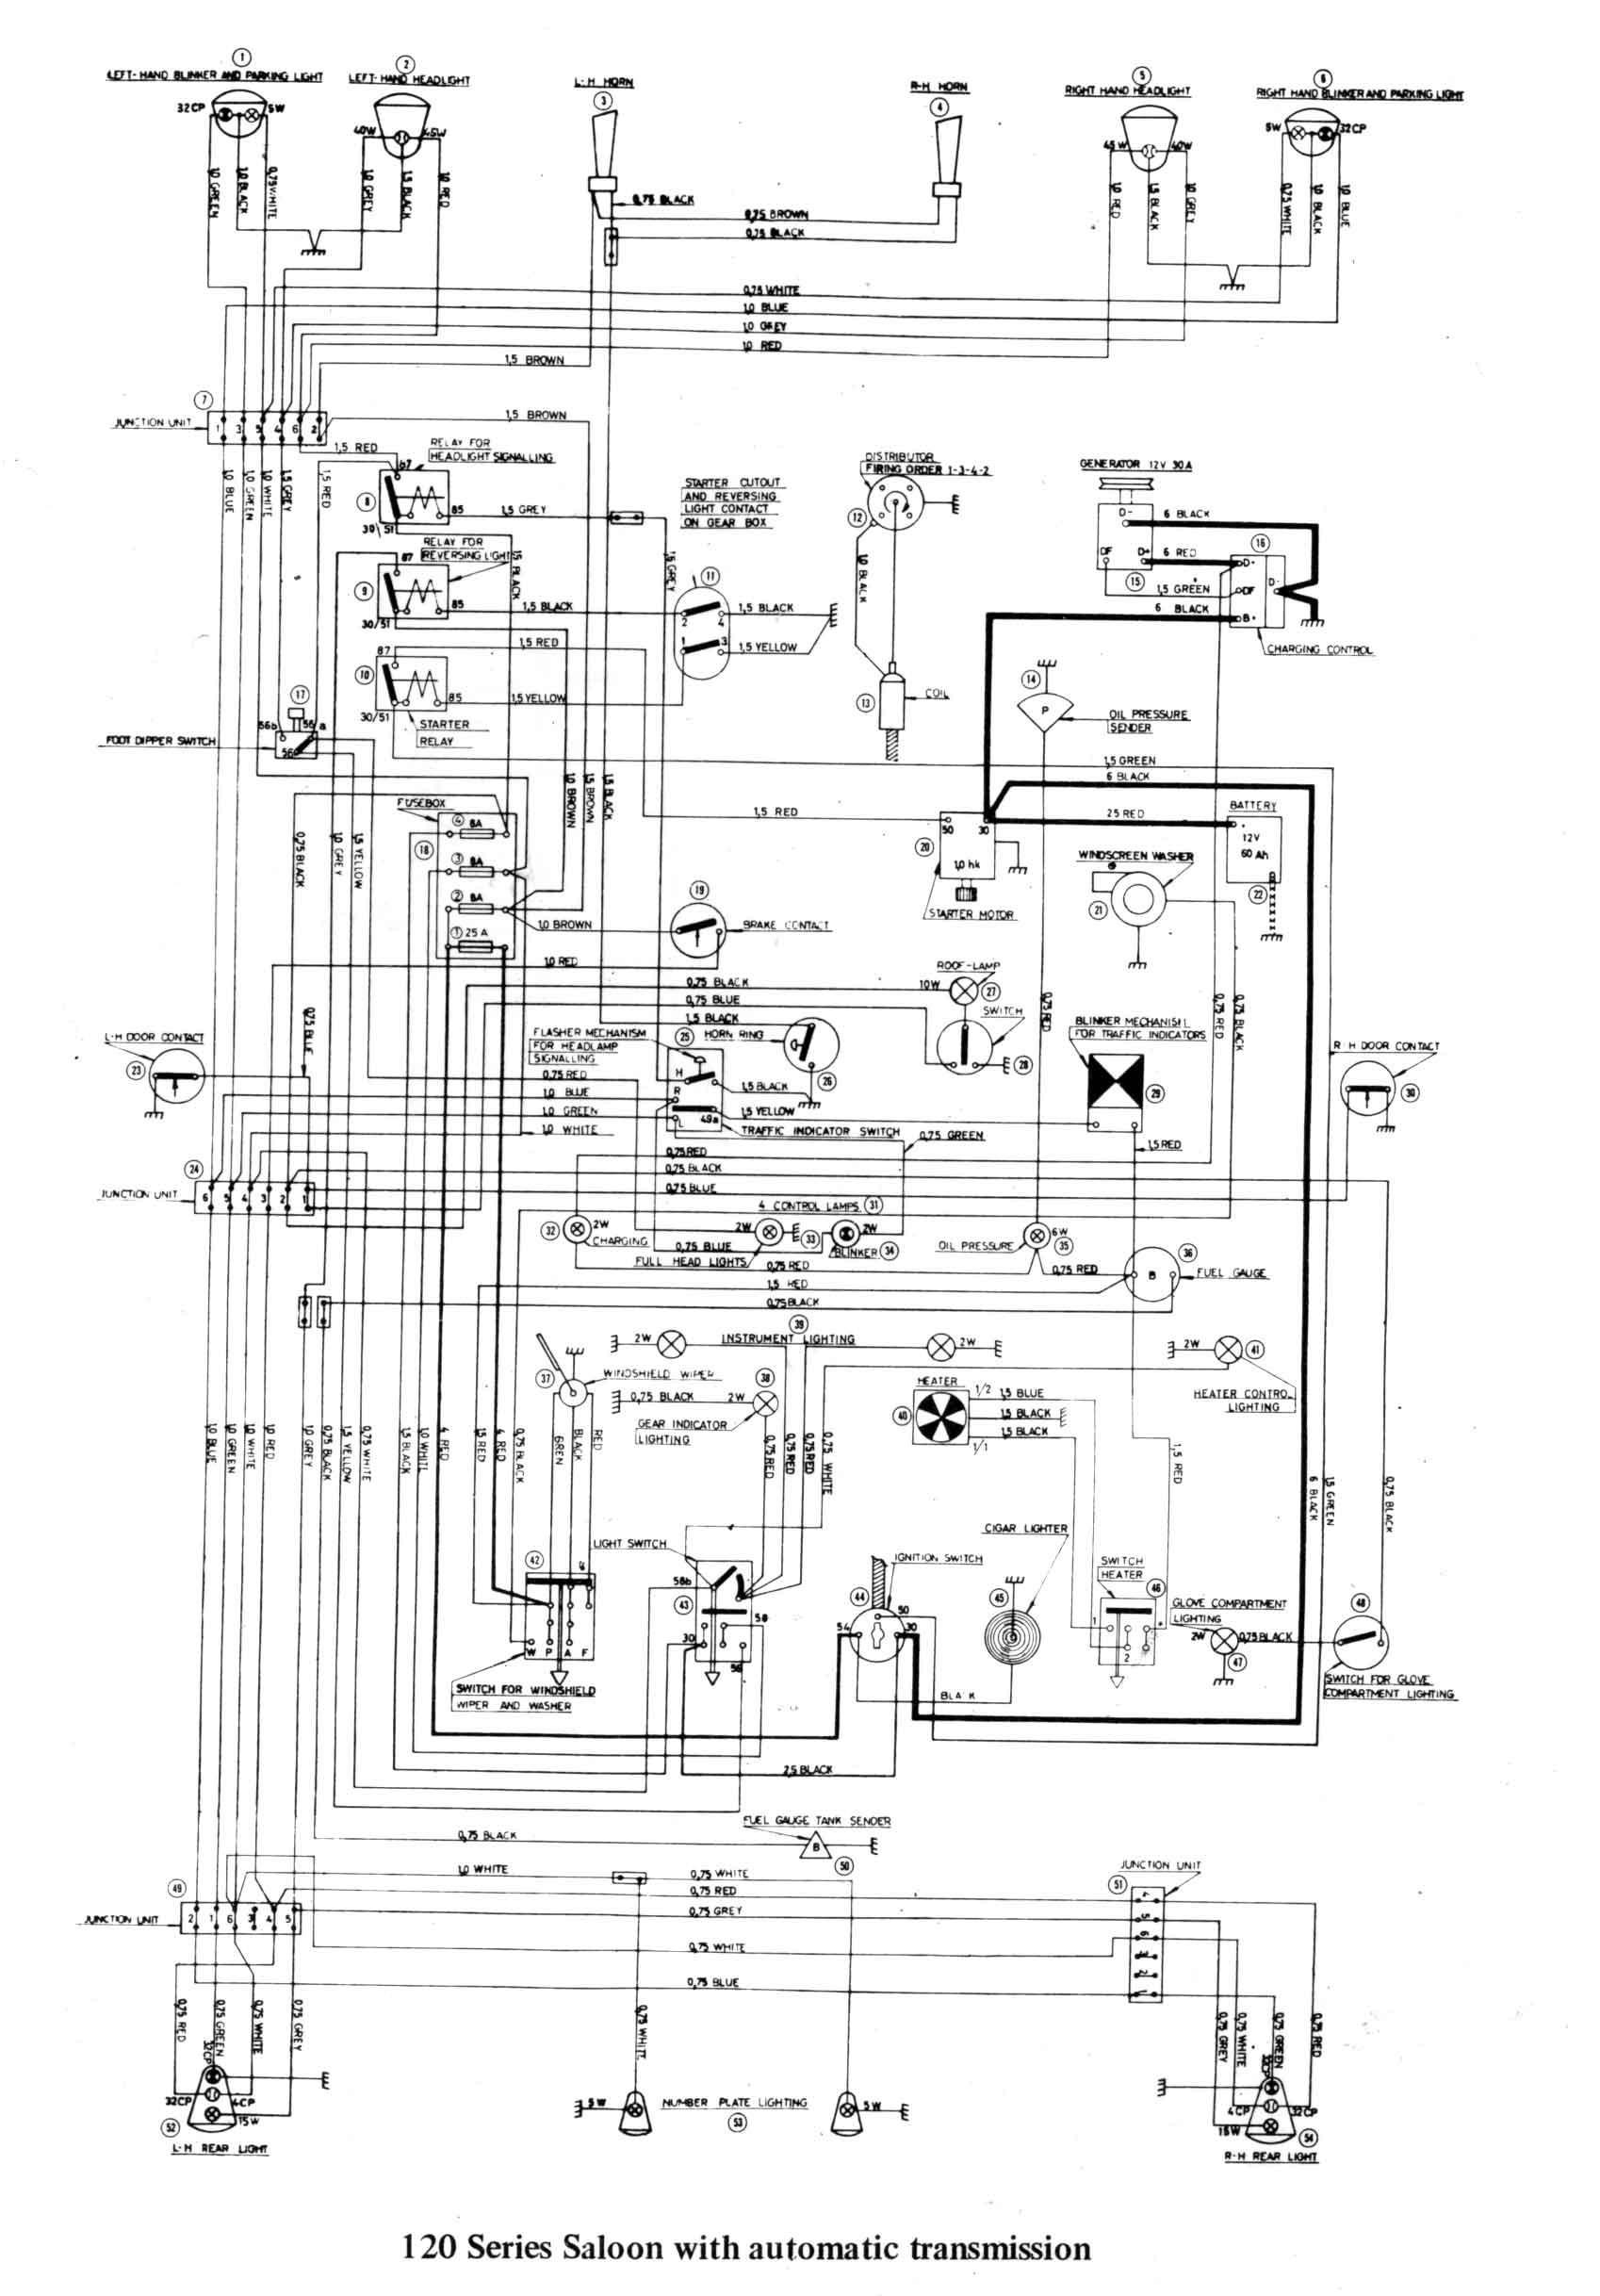 Fire Truck Parts Diagram Parts A Semi Truck Diagram Of Fire Truck Parts Diagram